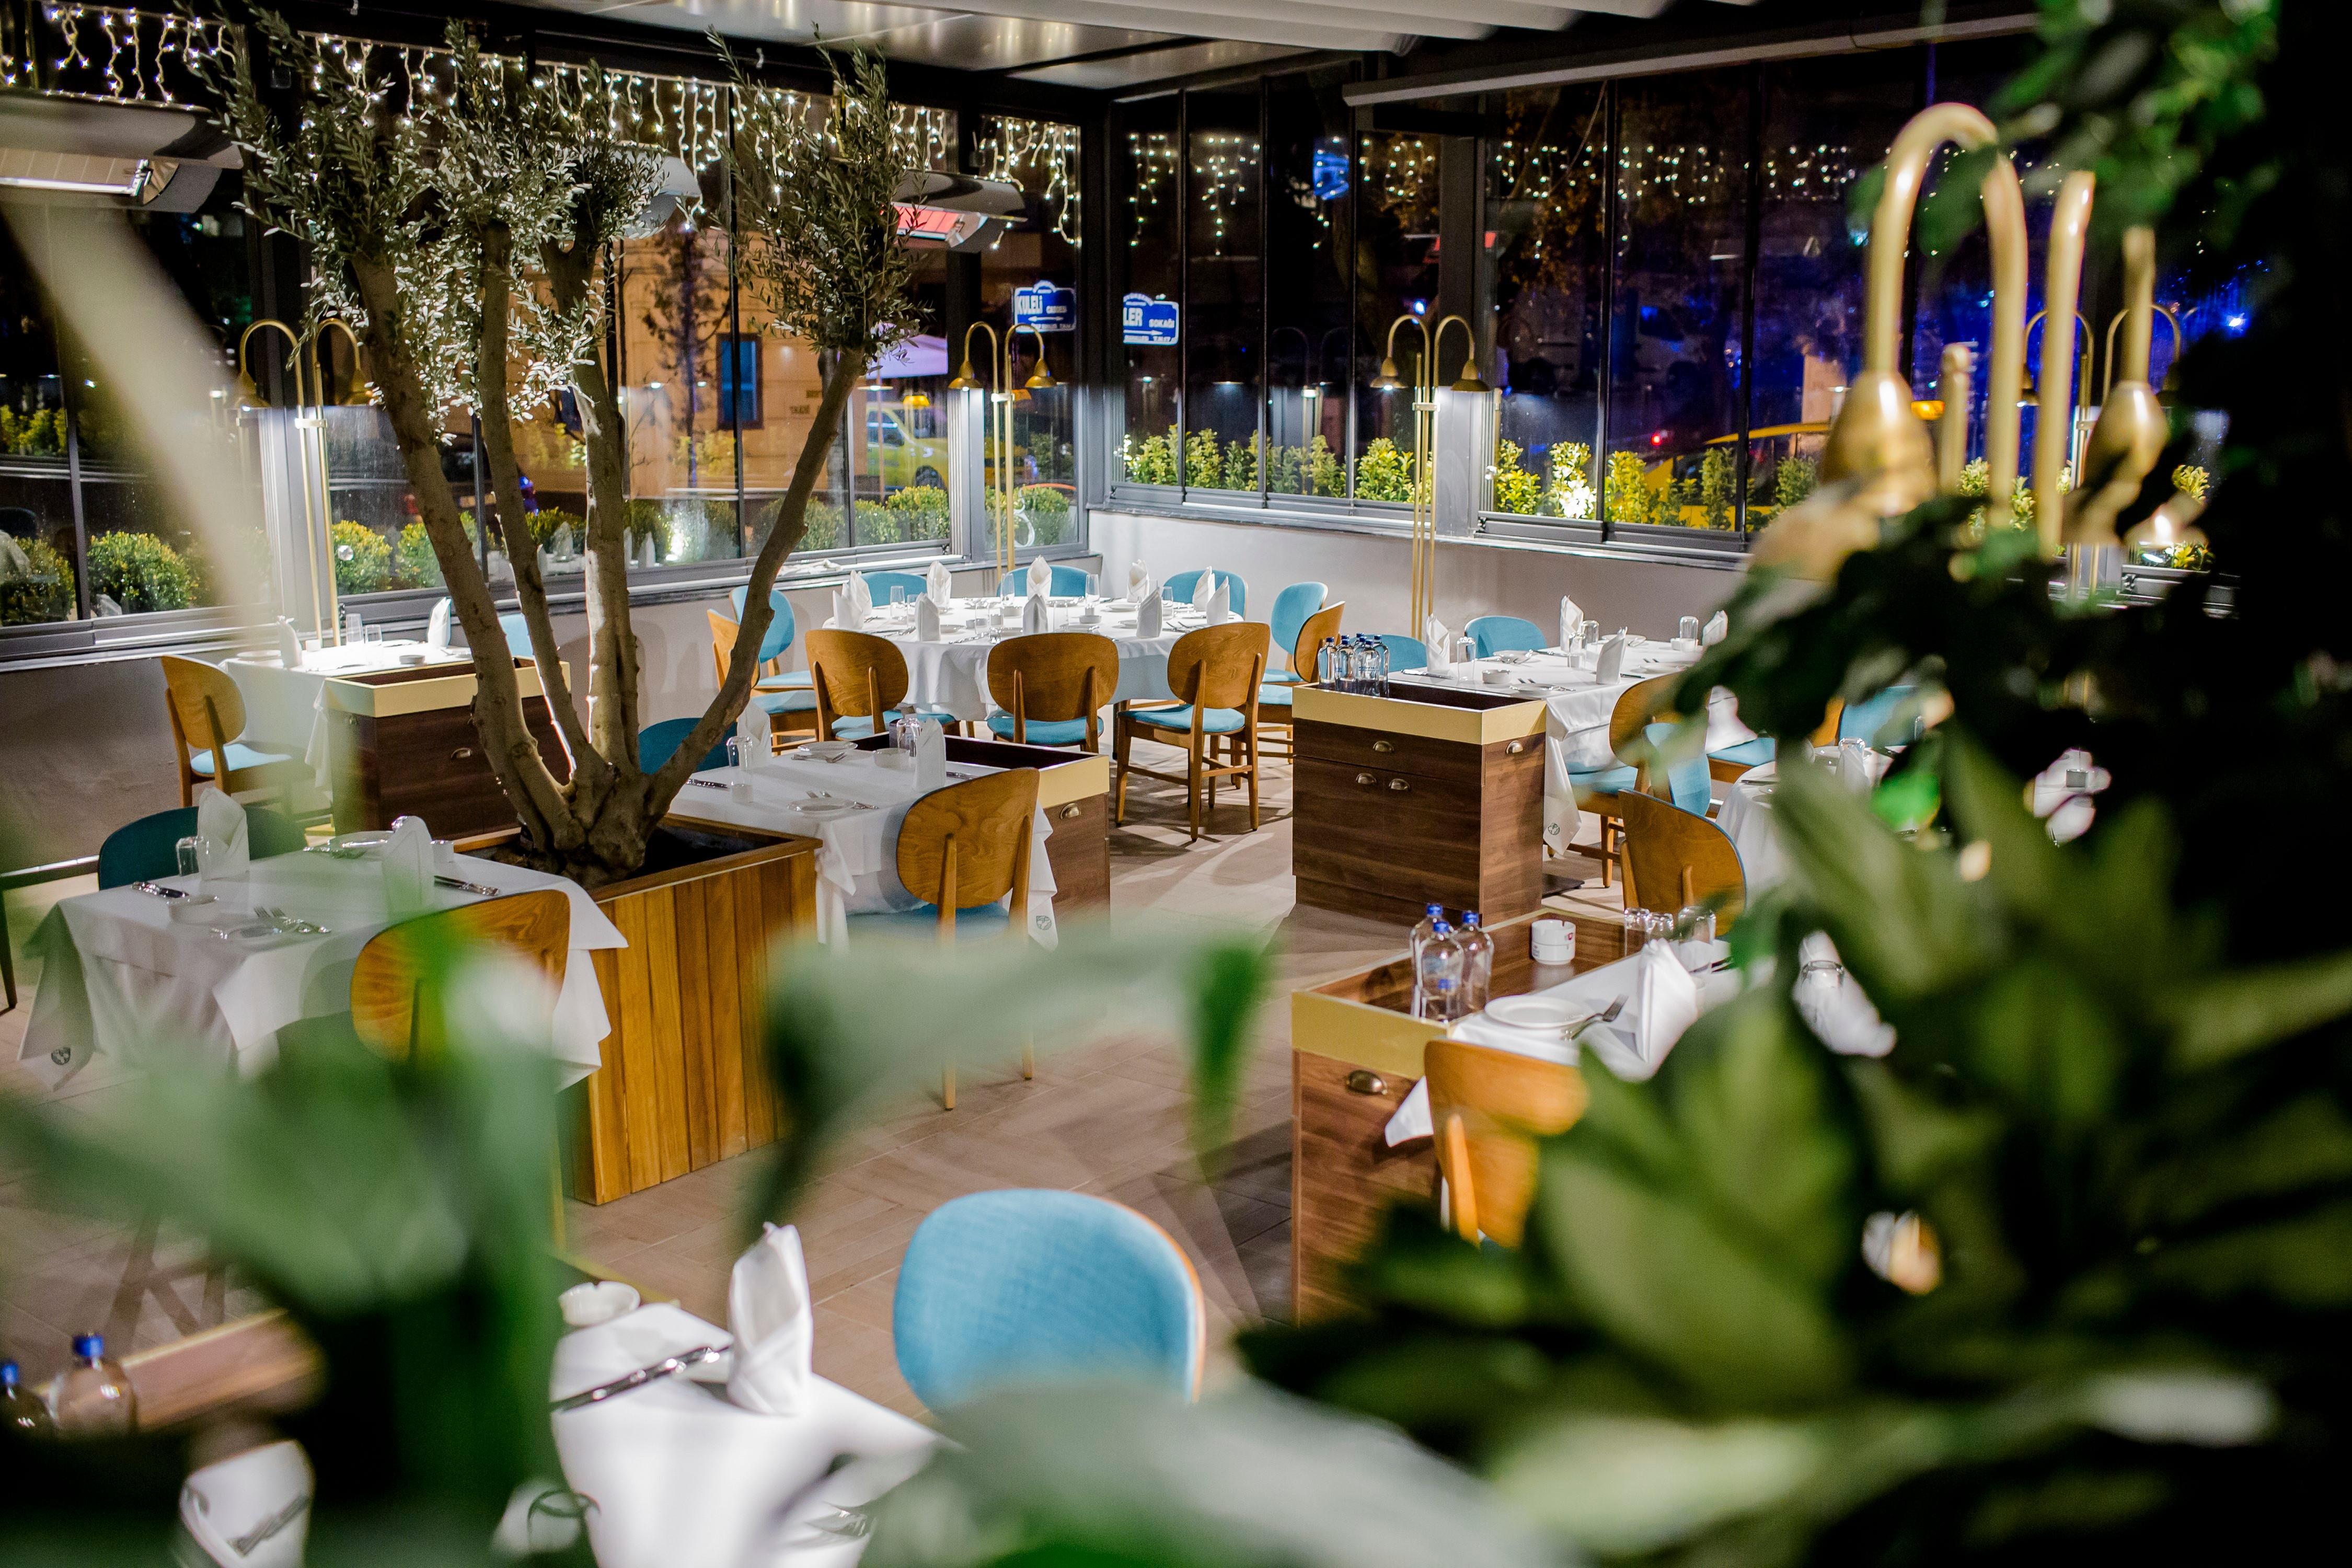 Things To Do in Mediterranean, Restaurants in Mediterranean